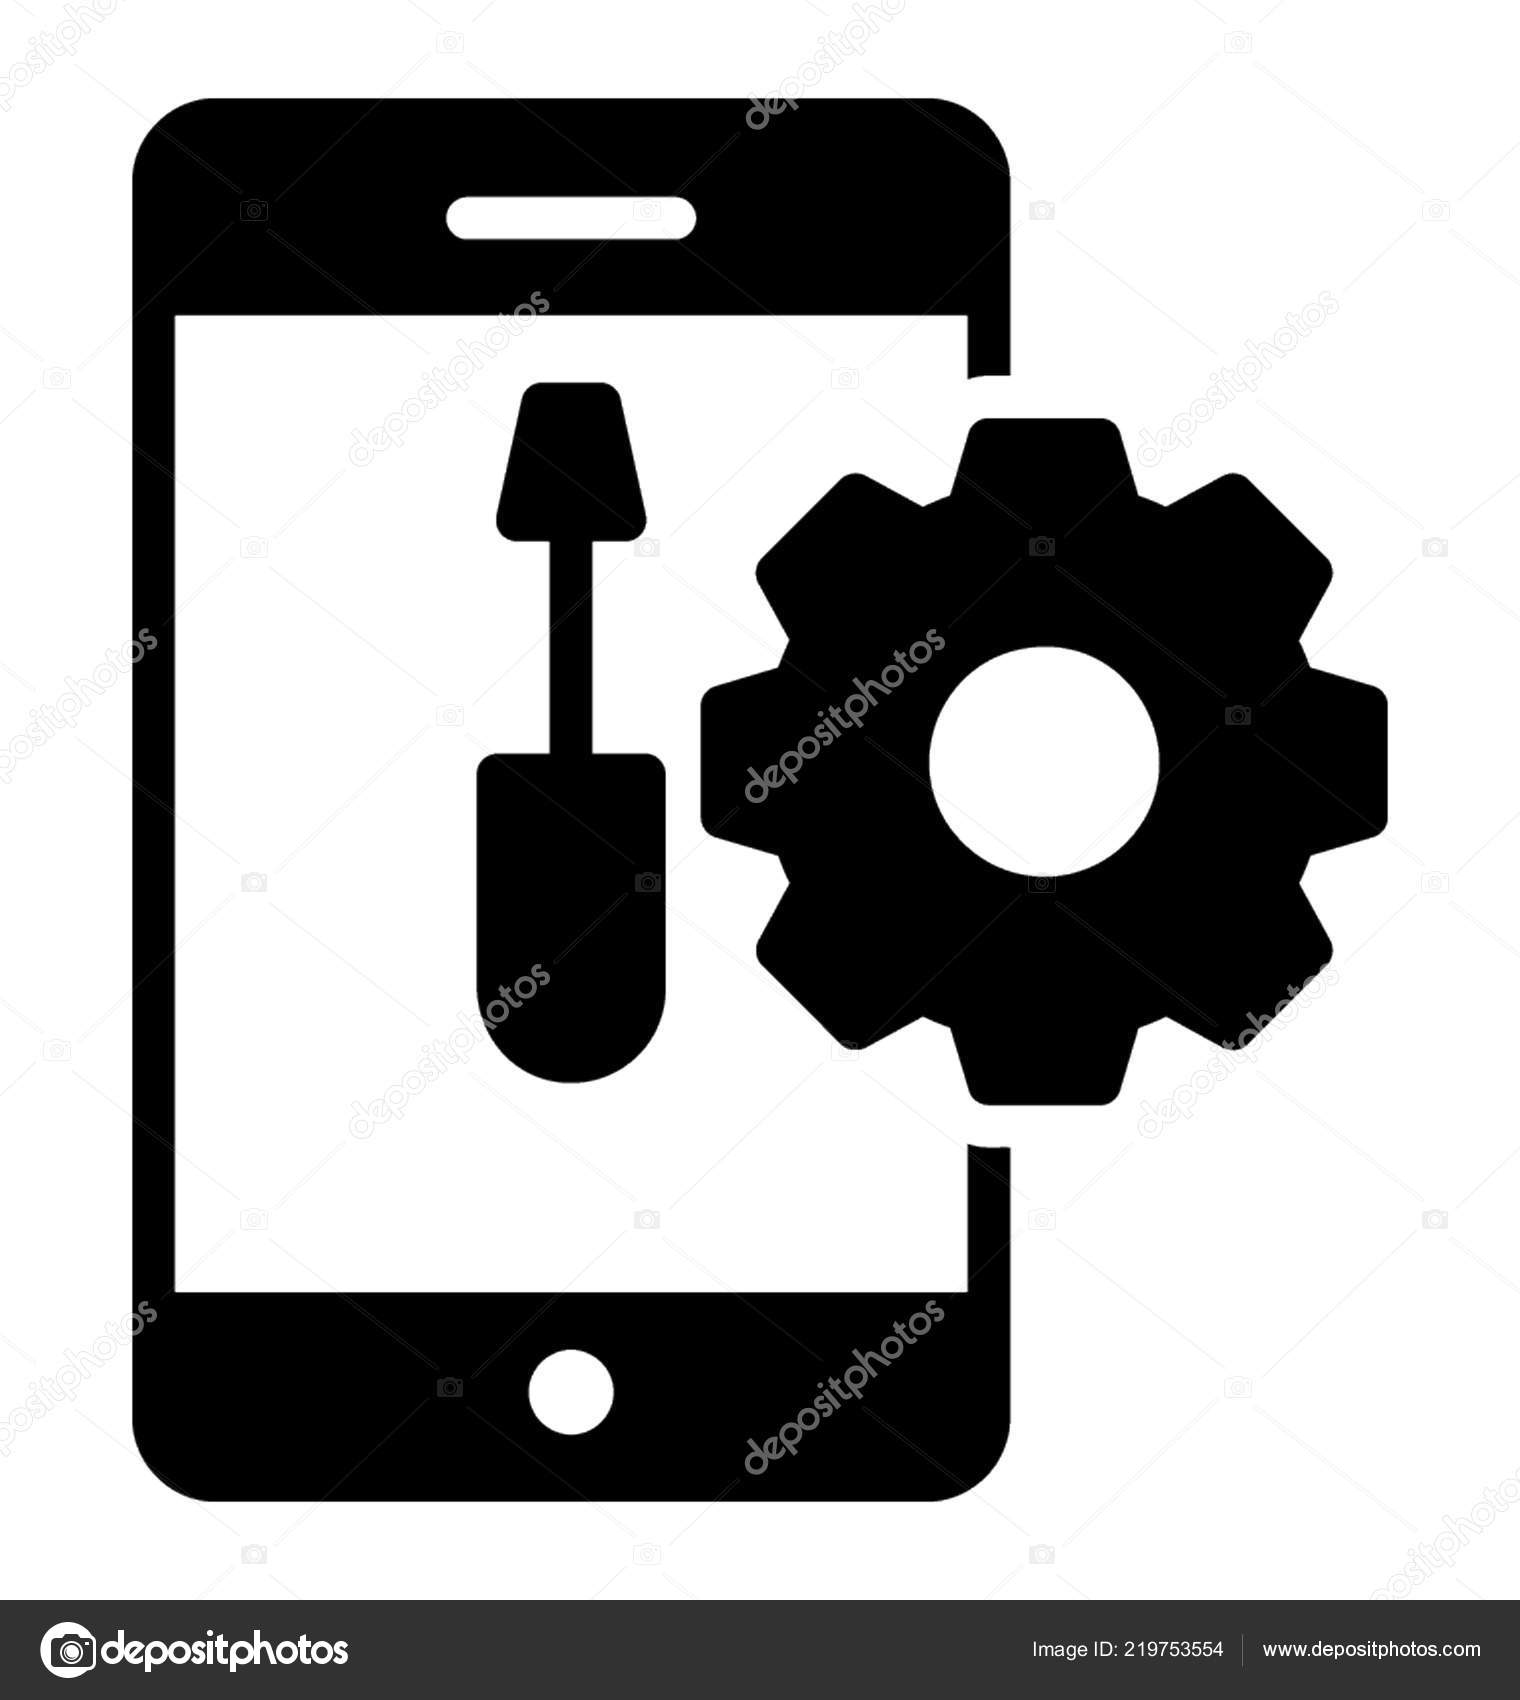 Колеса кз скачать колеса кз на андроид бесплатно.